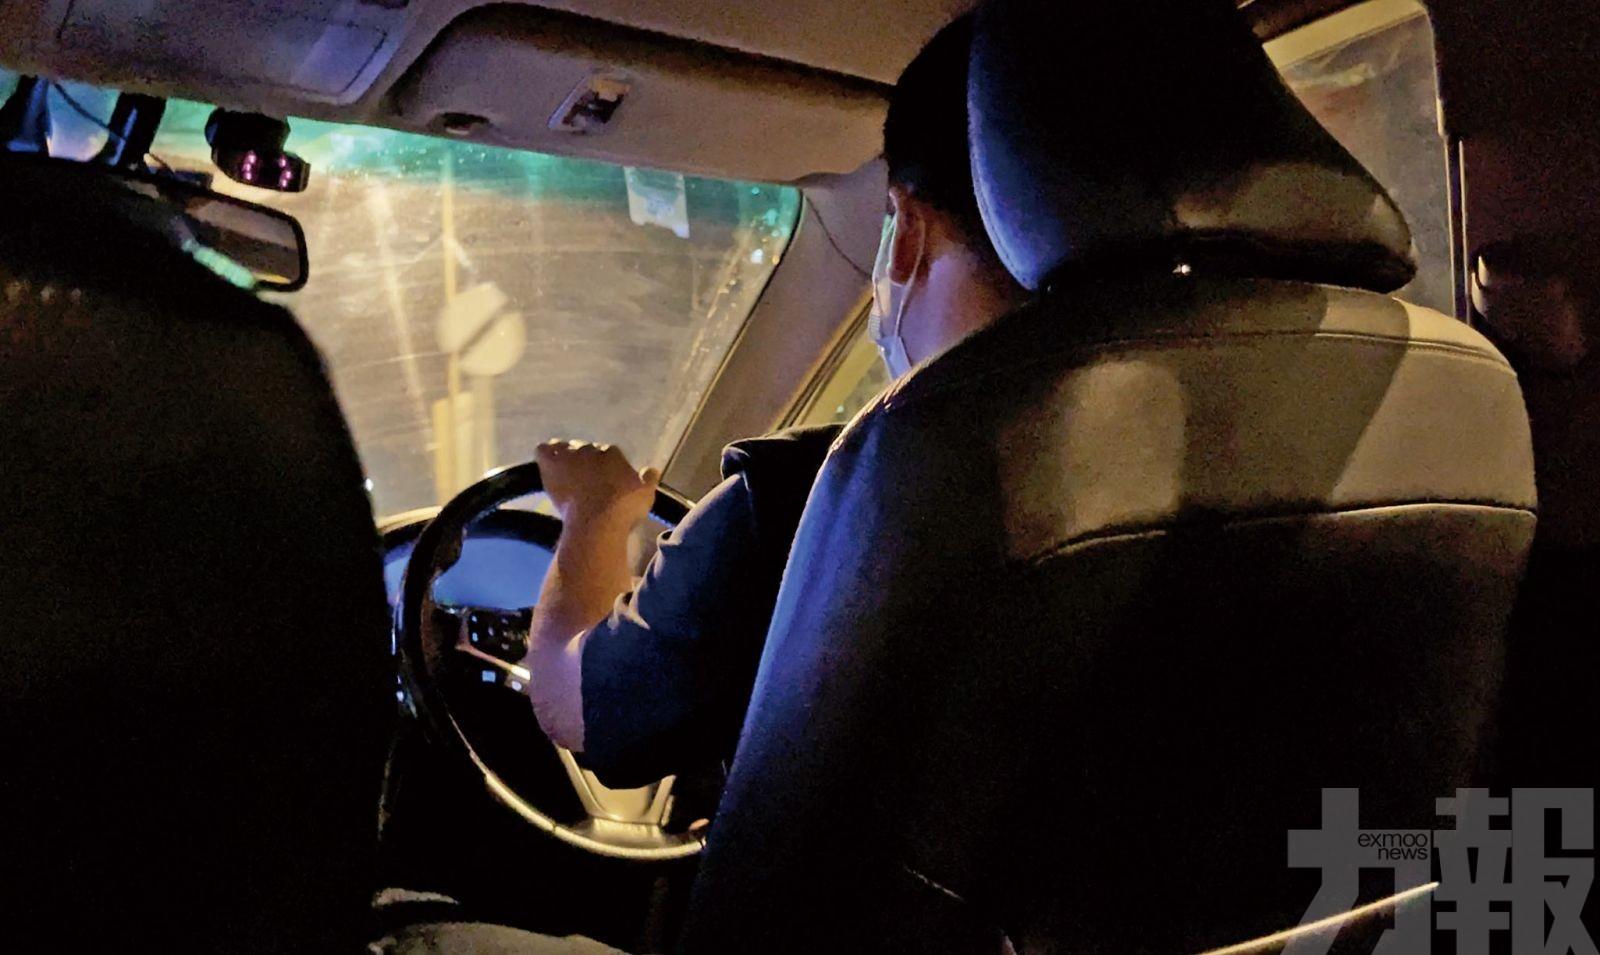 知情的士司機大爆肢解案兇手棄殘肢經過